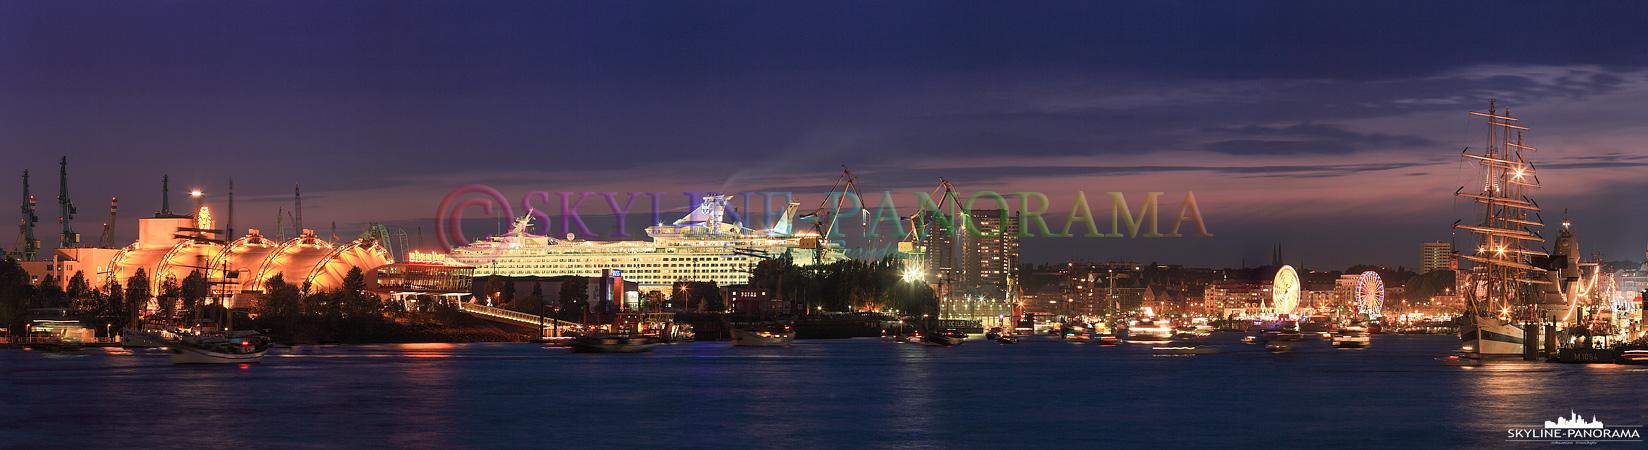 Panorama Bilder - Der Hamburger Hafen zum Hafengeburtstag 2009.